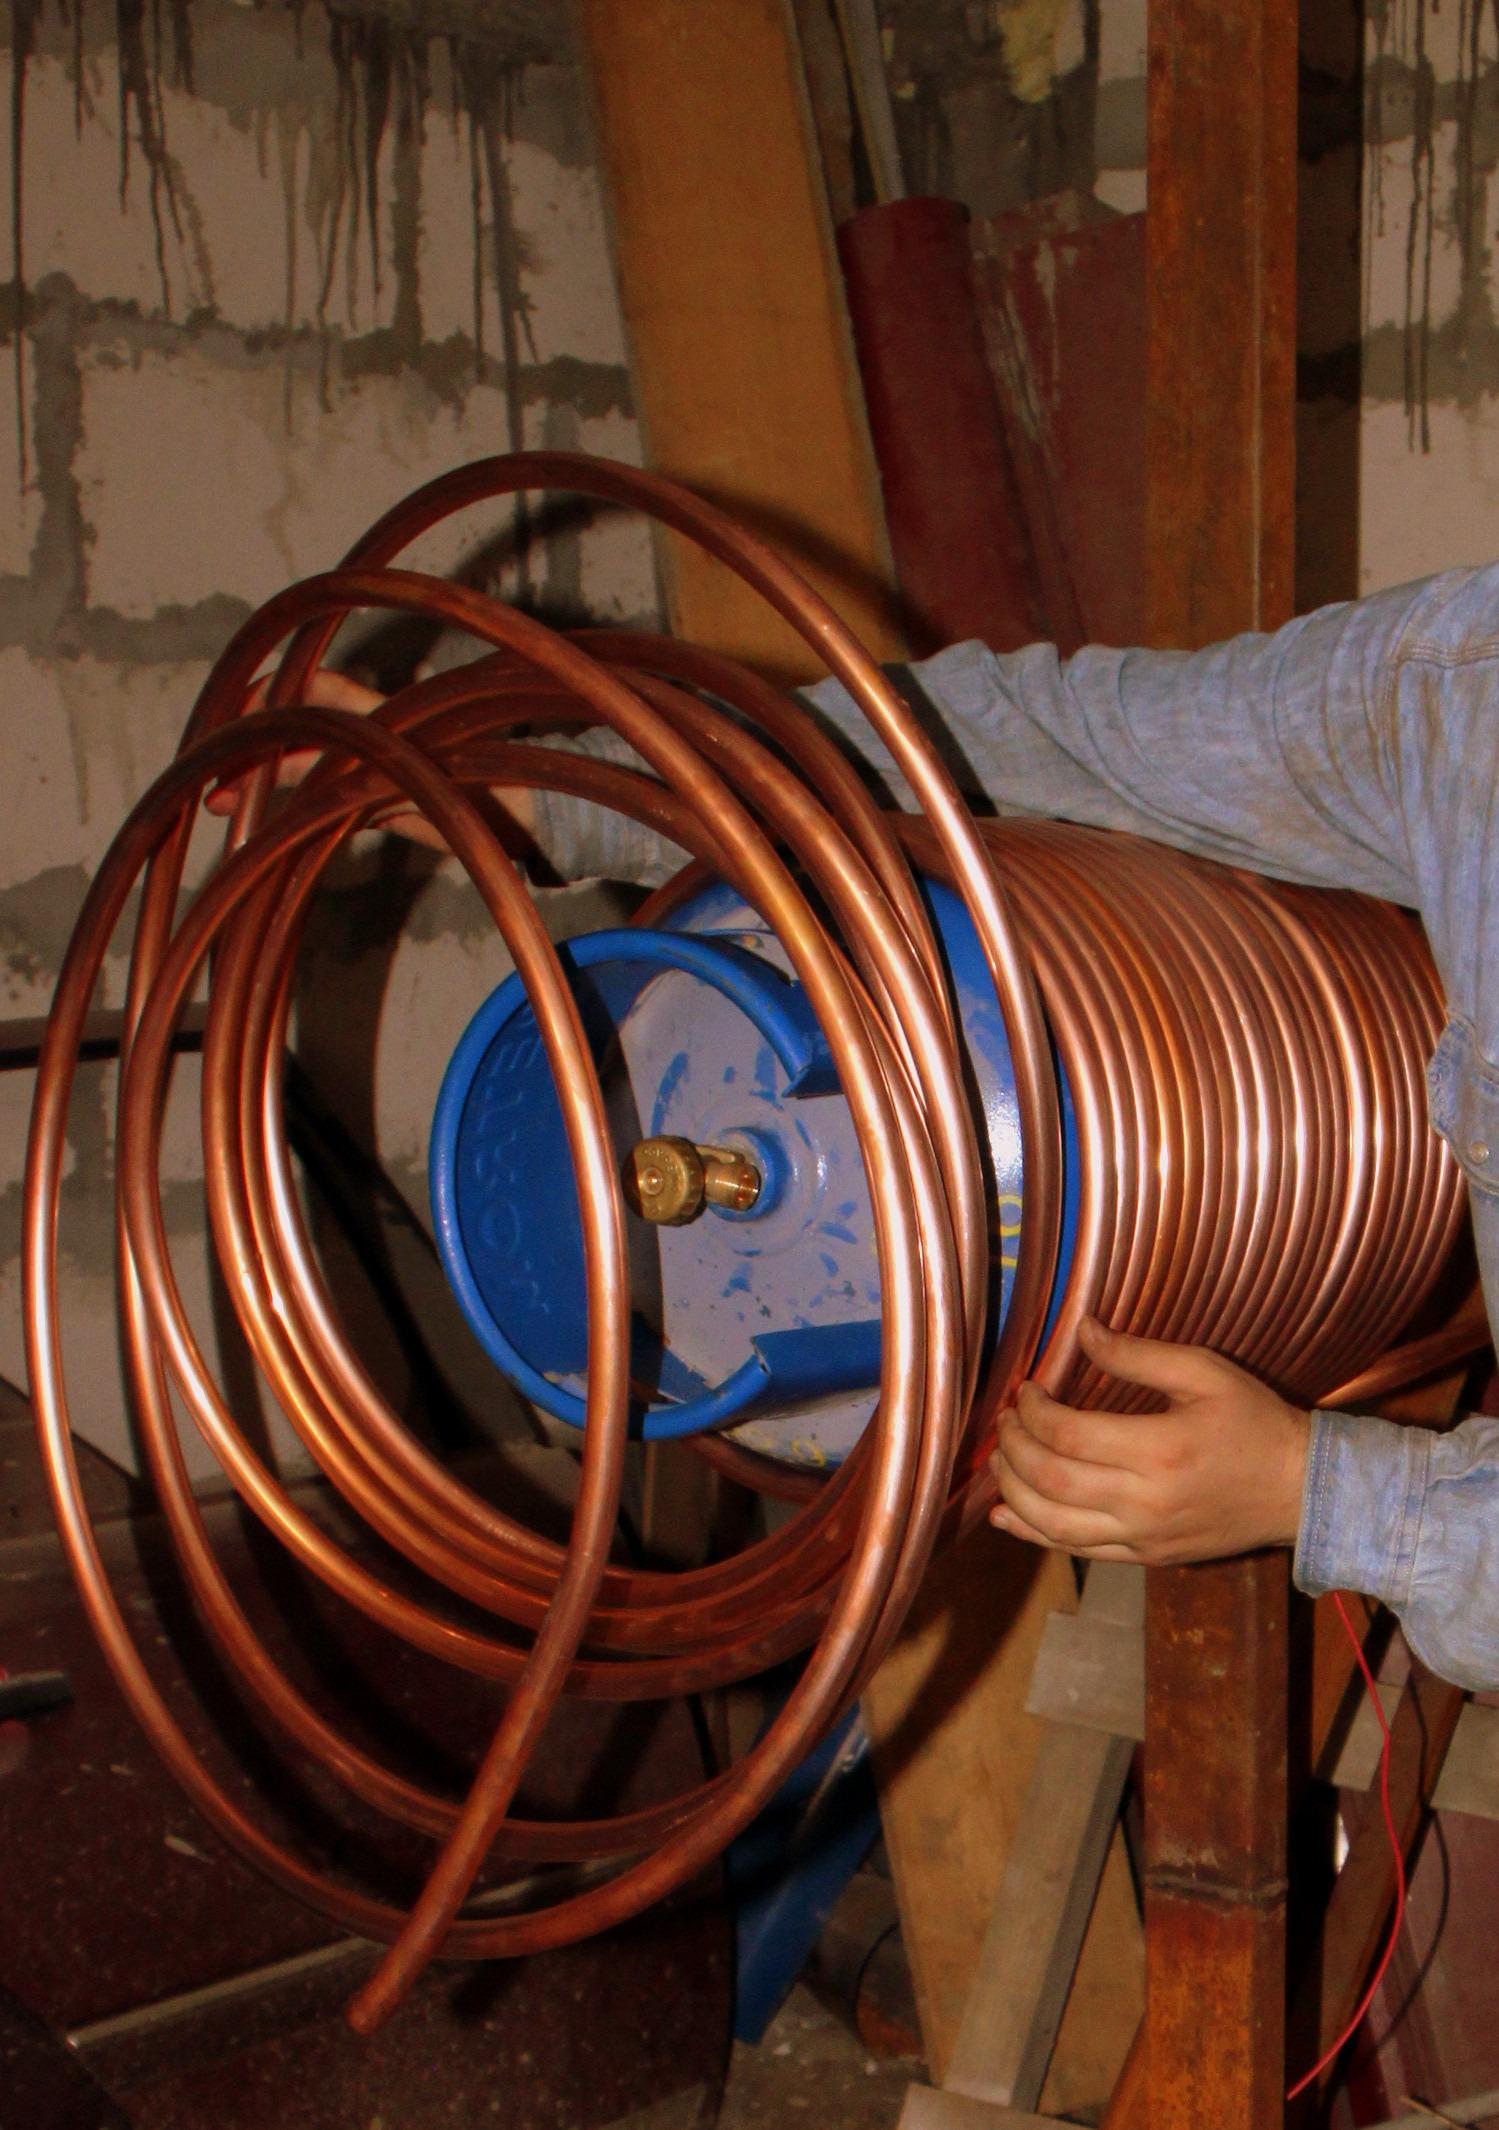 Kostenlose foto : Holz, Rad, Tube, Spule, Produkt, Rohr, Kupfer ...